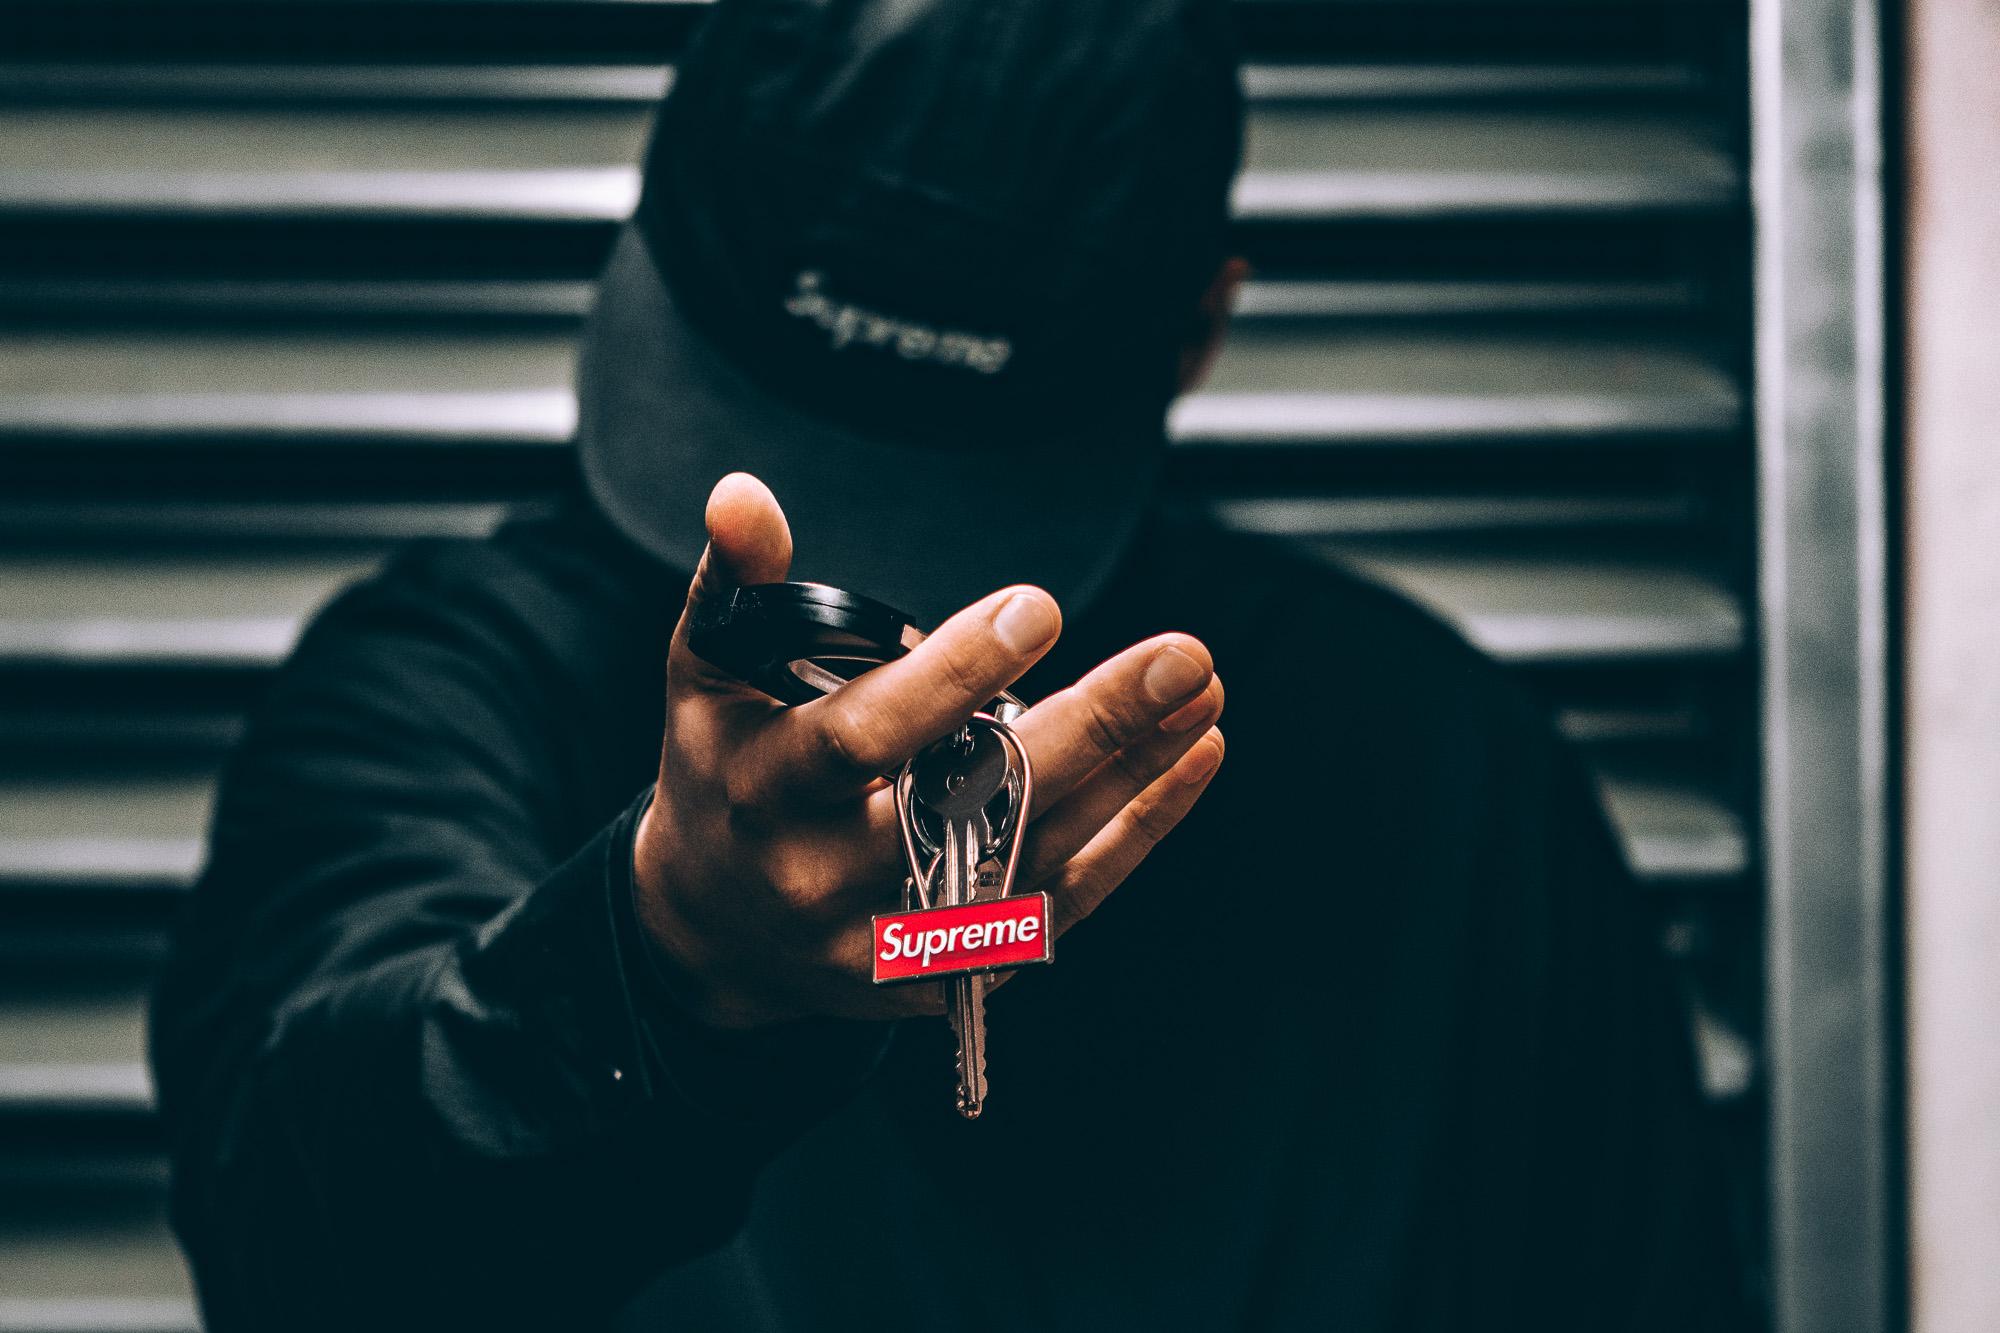 Supreme Key